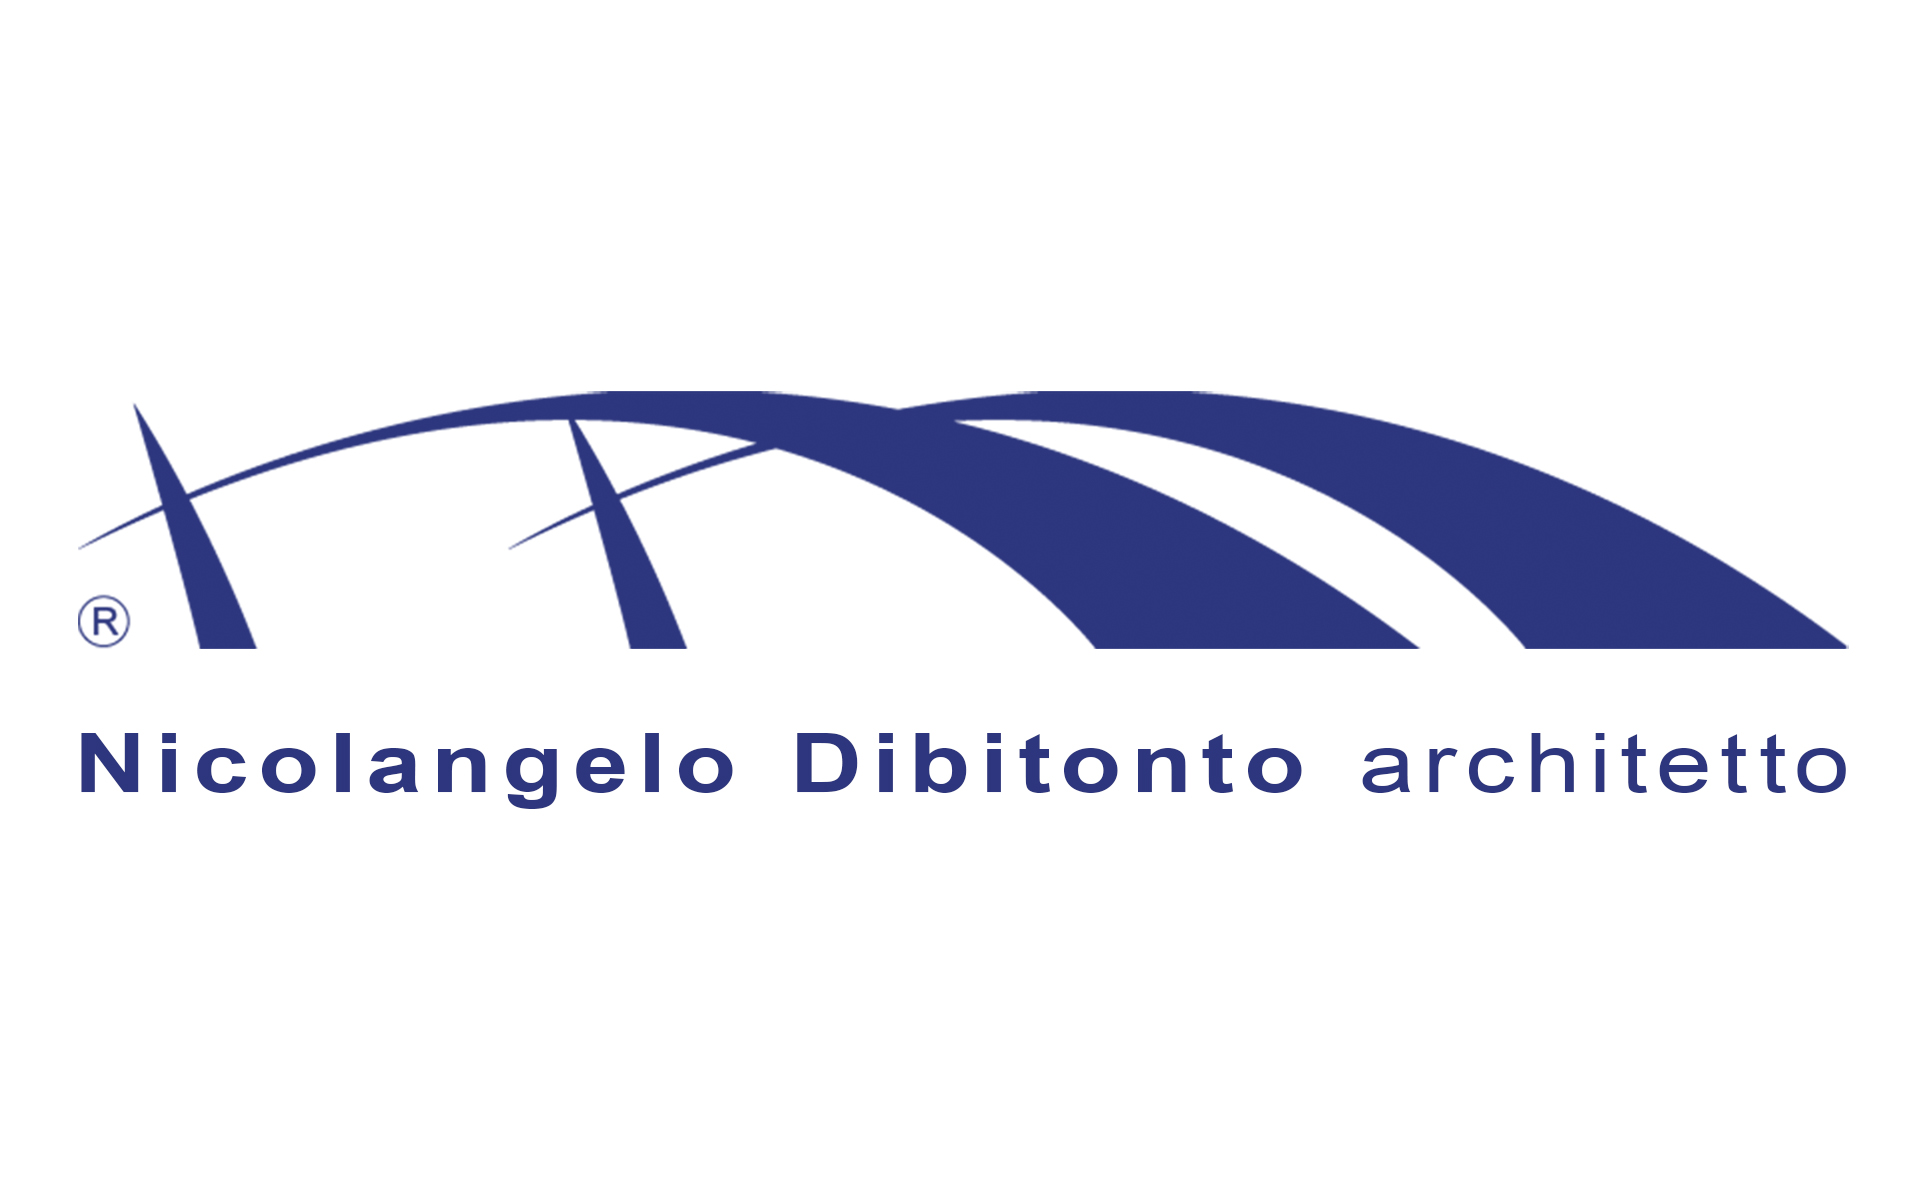 Nicolangelo Dibitonto Architetto